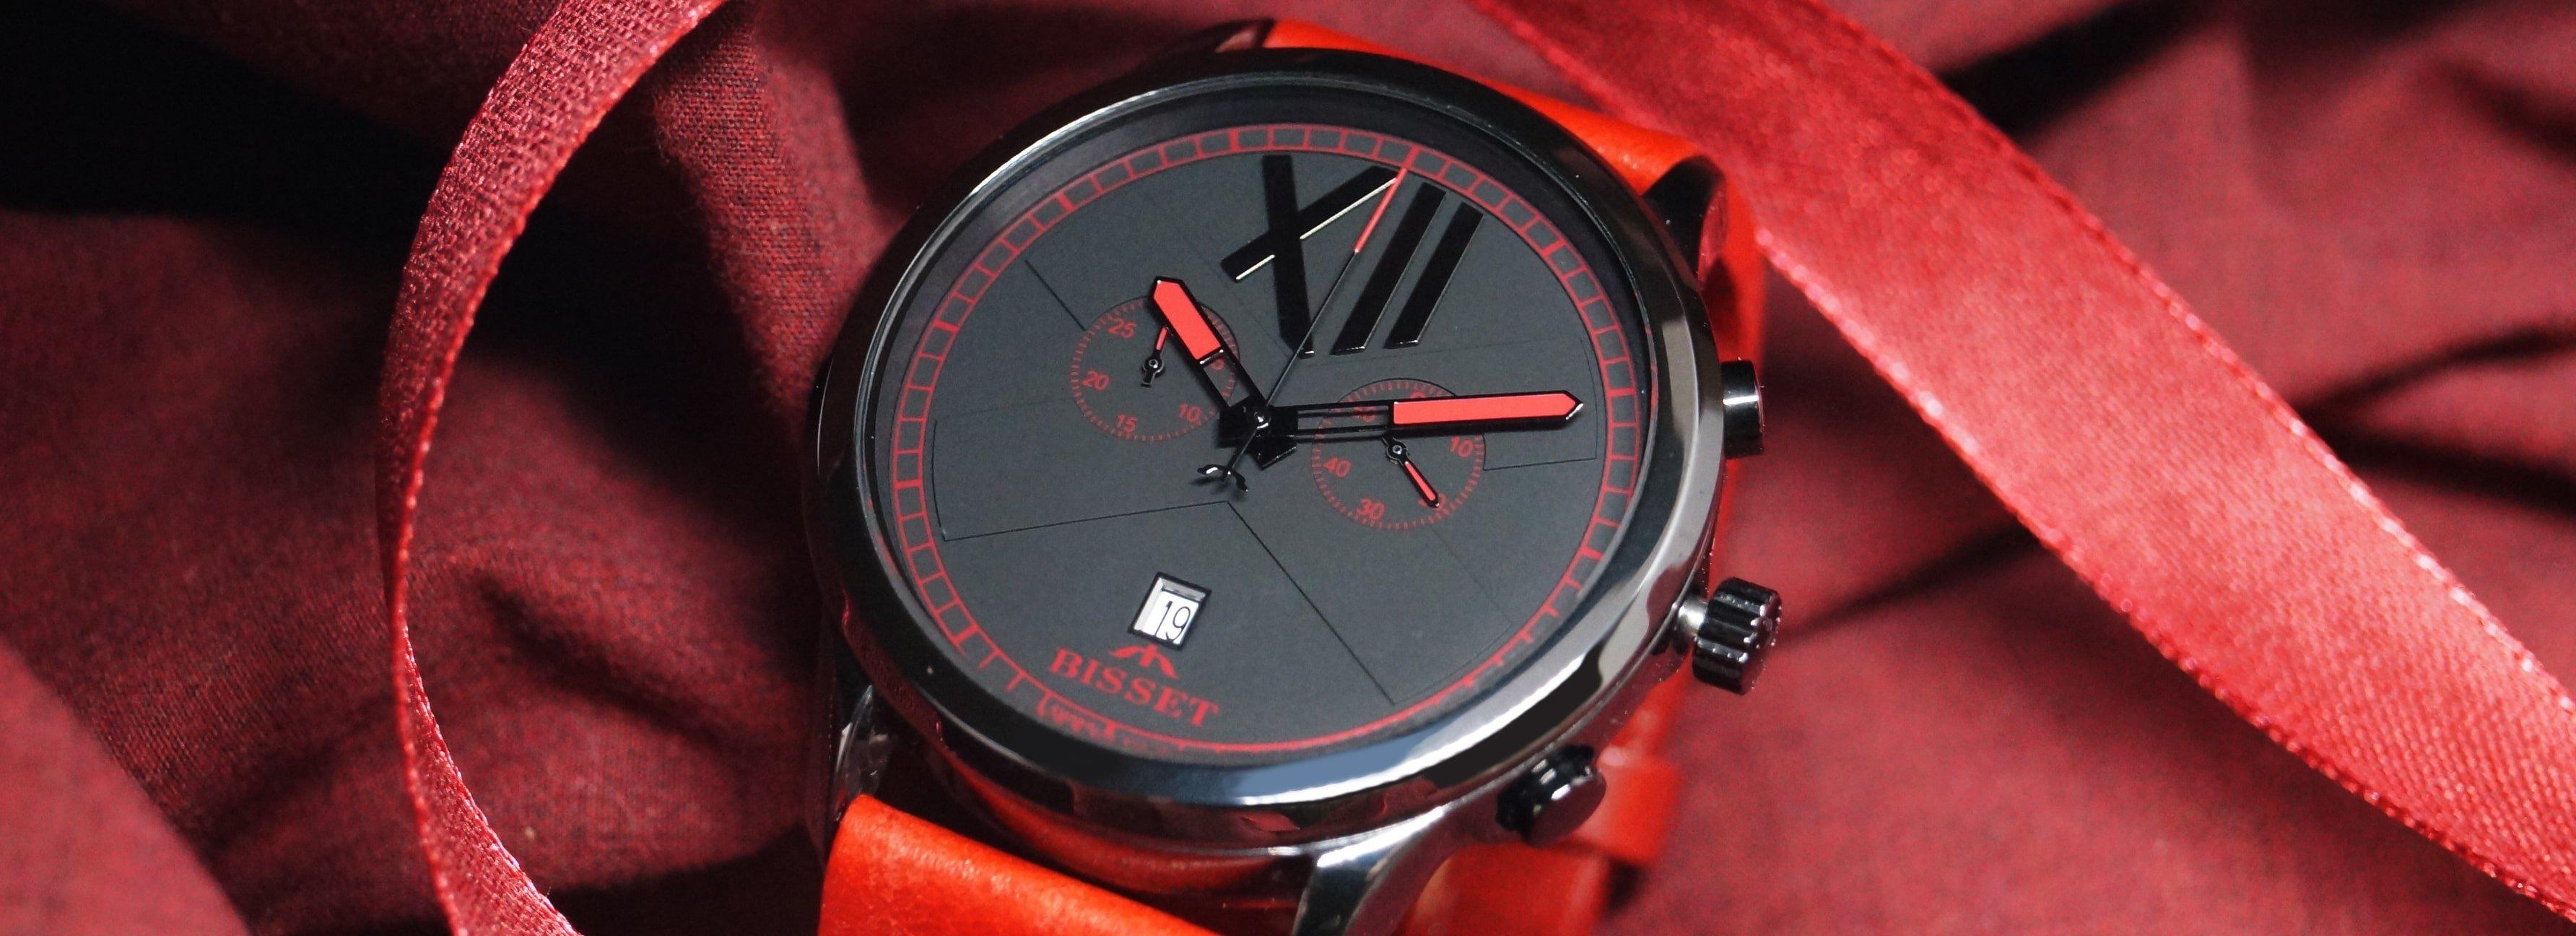 Elegancki, męski zegarek Bisset z czarną, ceramiczną tarczą ozdobioną czerwonymi akcentami.